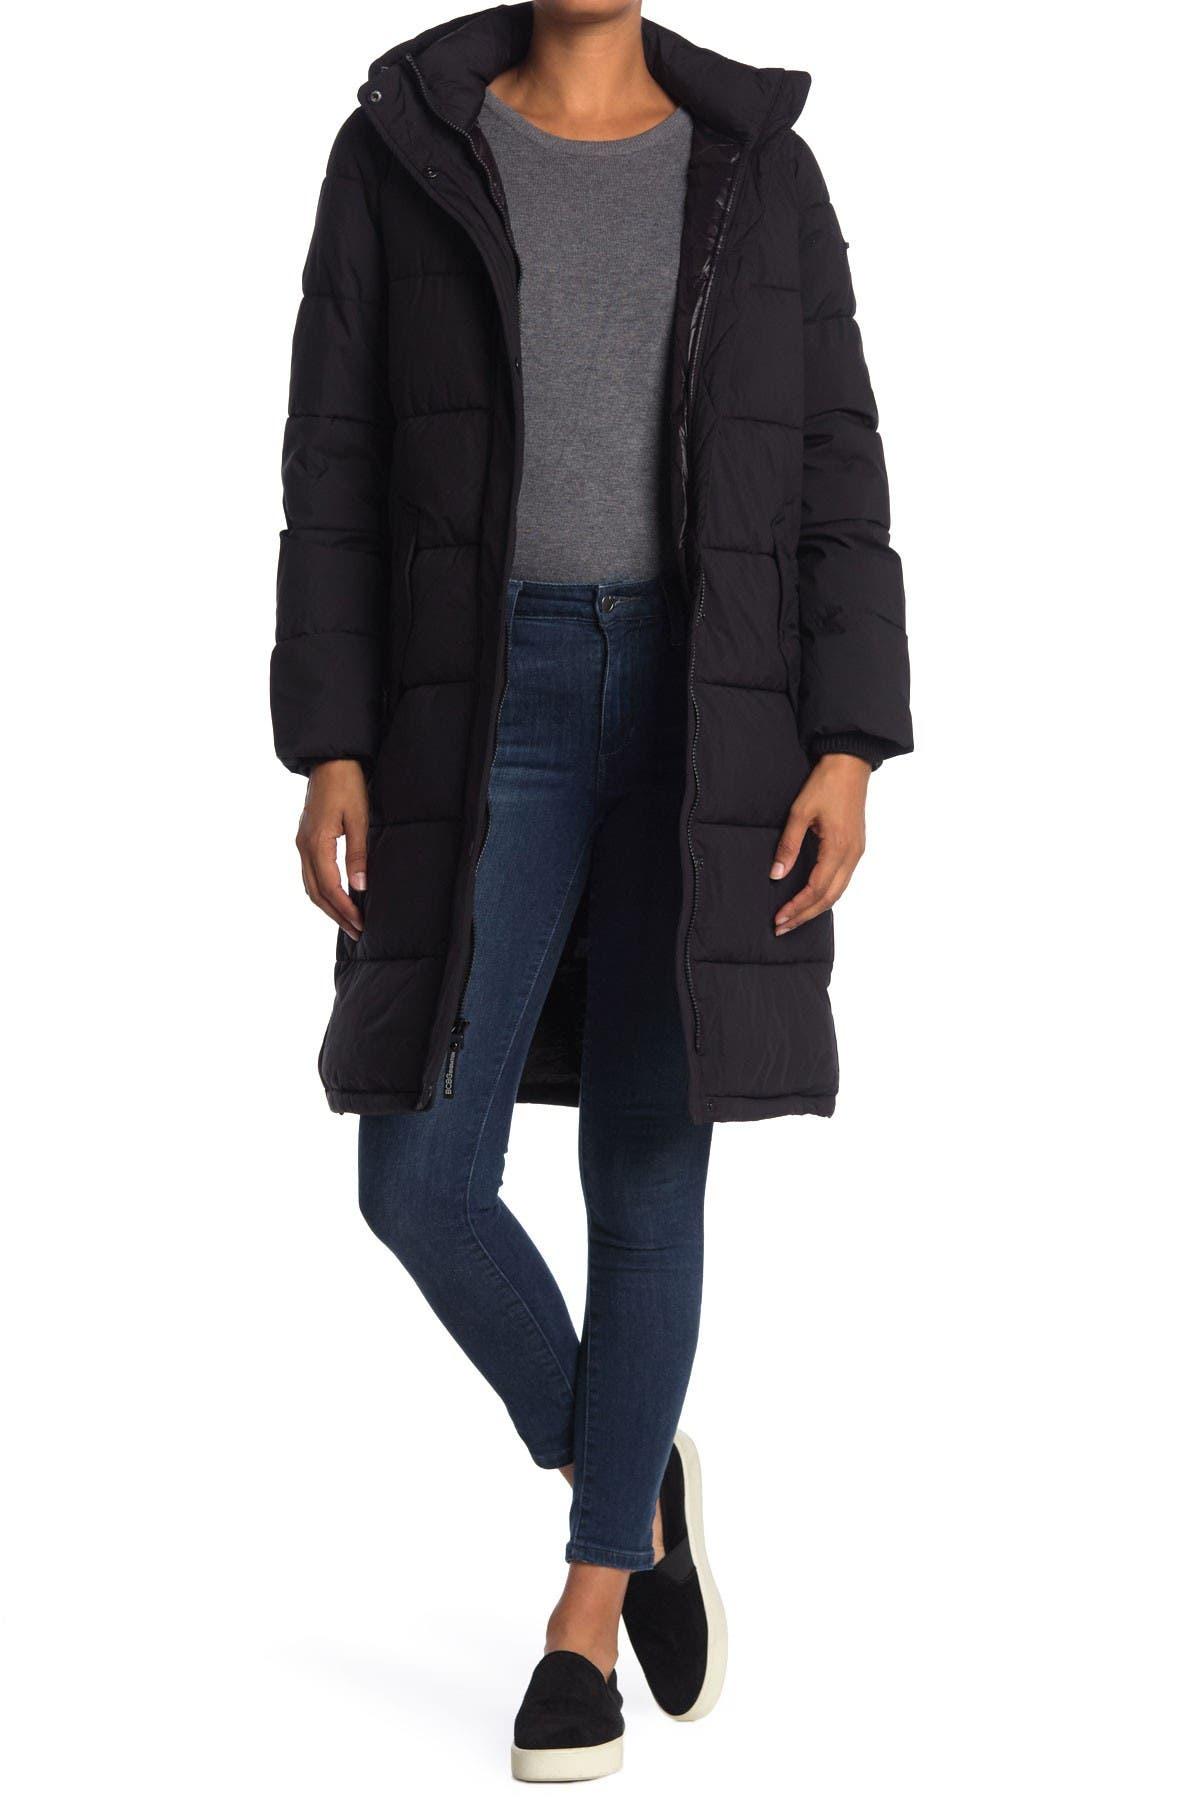 Image of BCBG Long Eco Duvet Hooded Puffer Coat